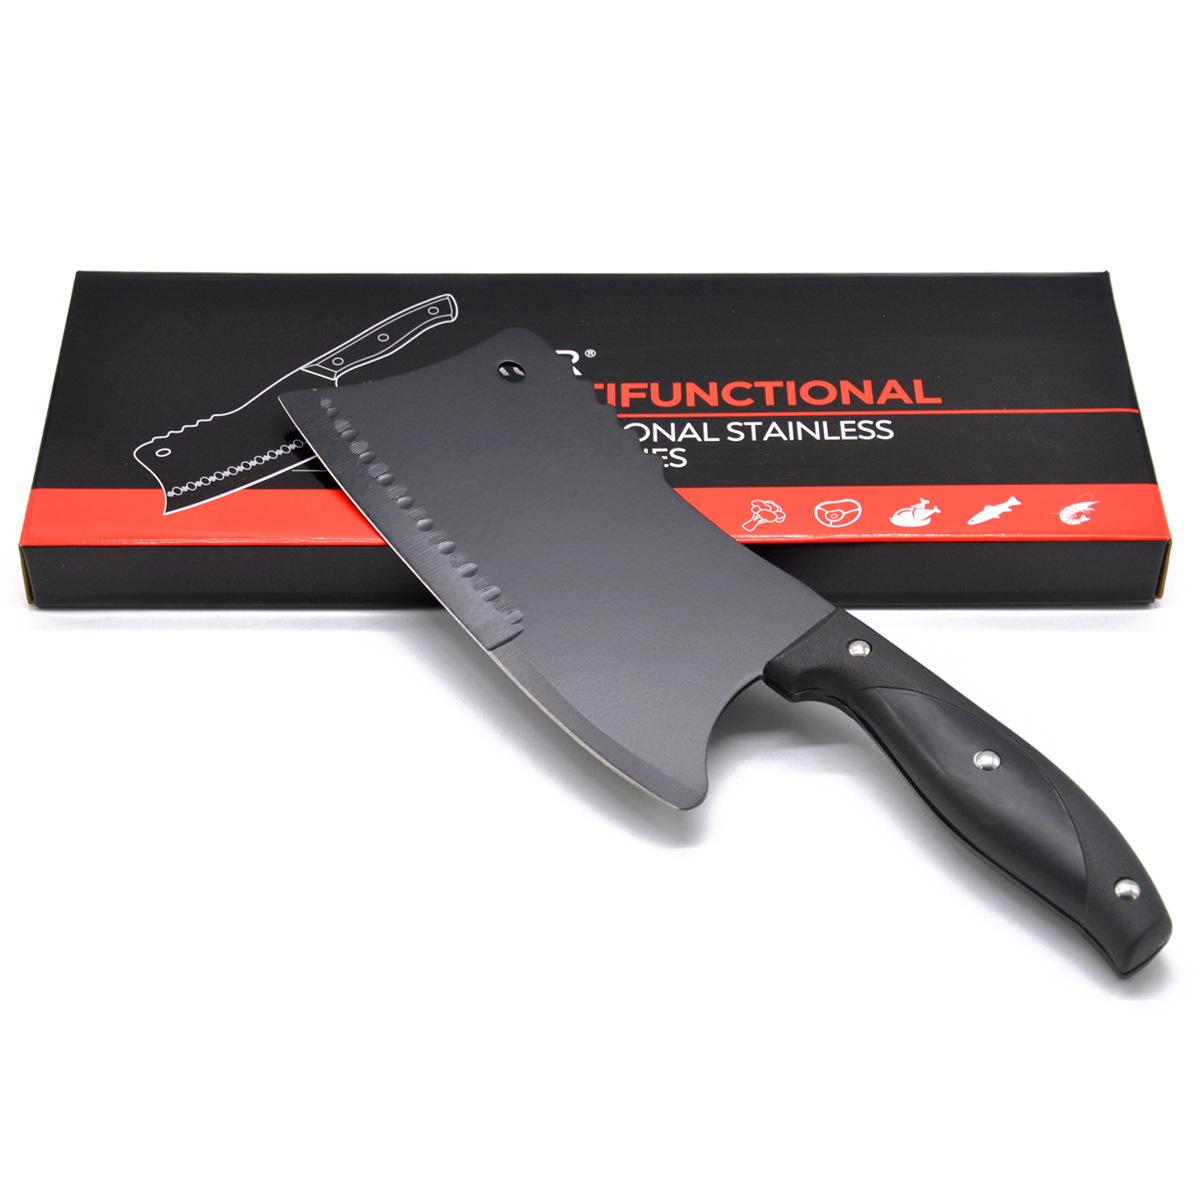 特价冰点刀 钨钢刀 黑钢刀 地摊跑江湖倒插会销可砍钢管的菜刀